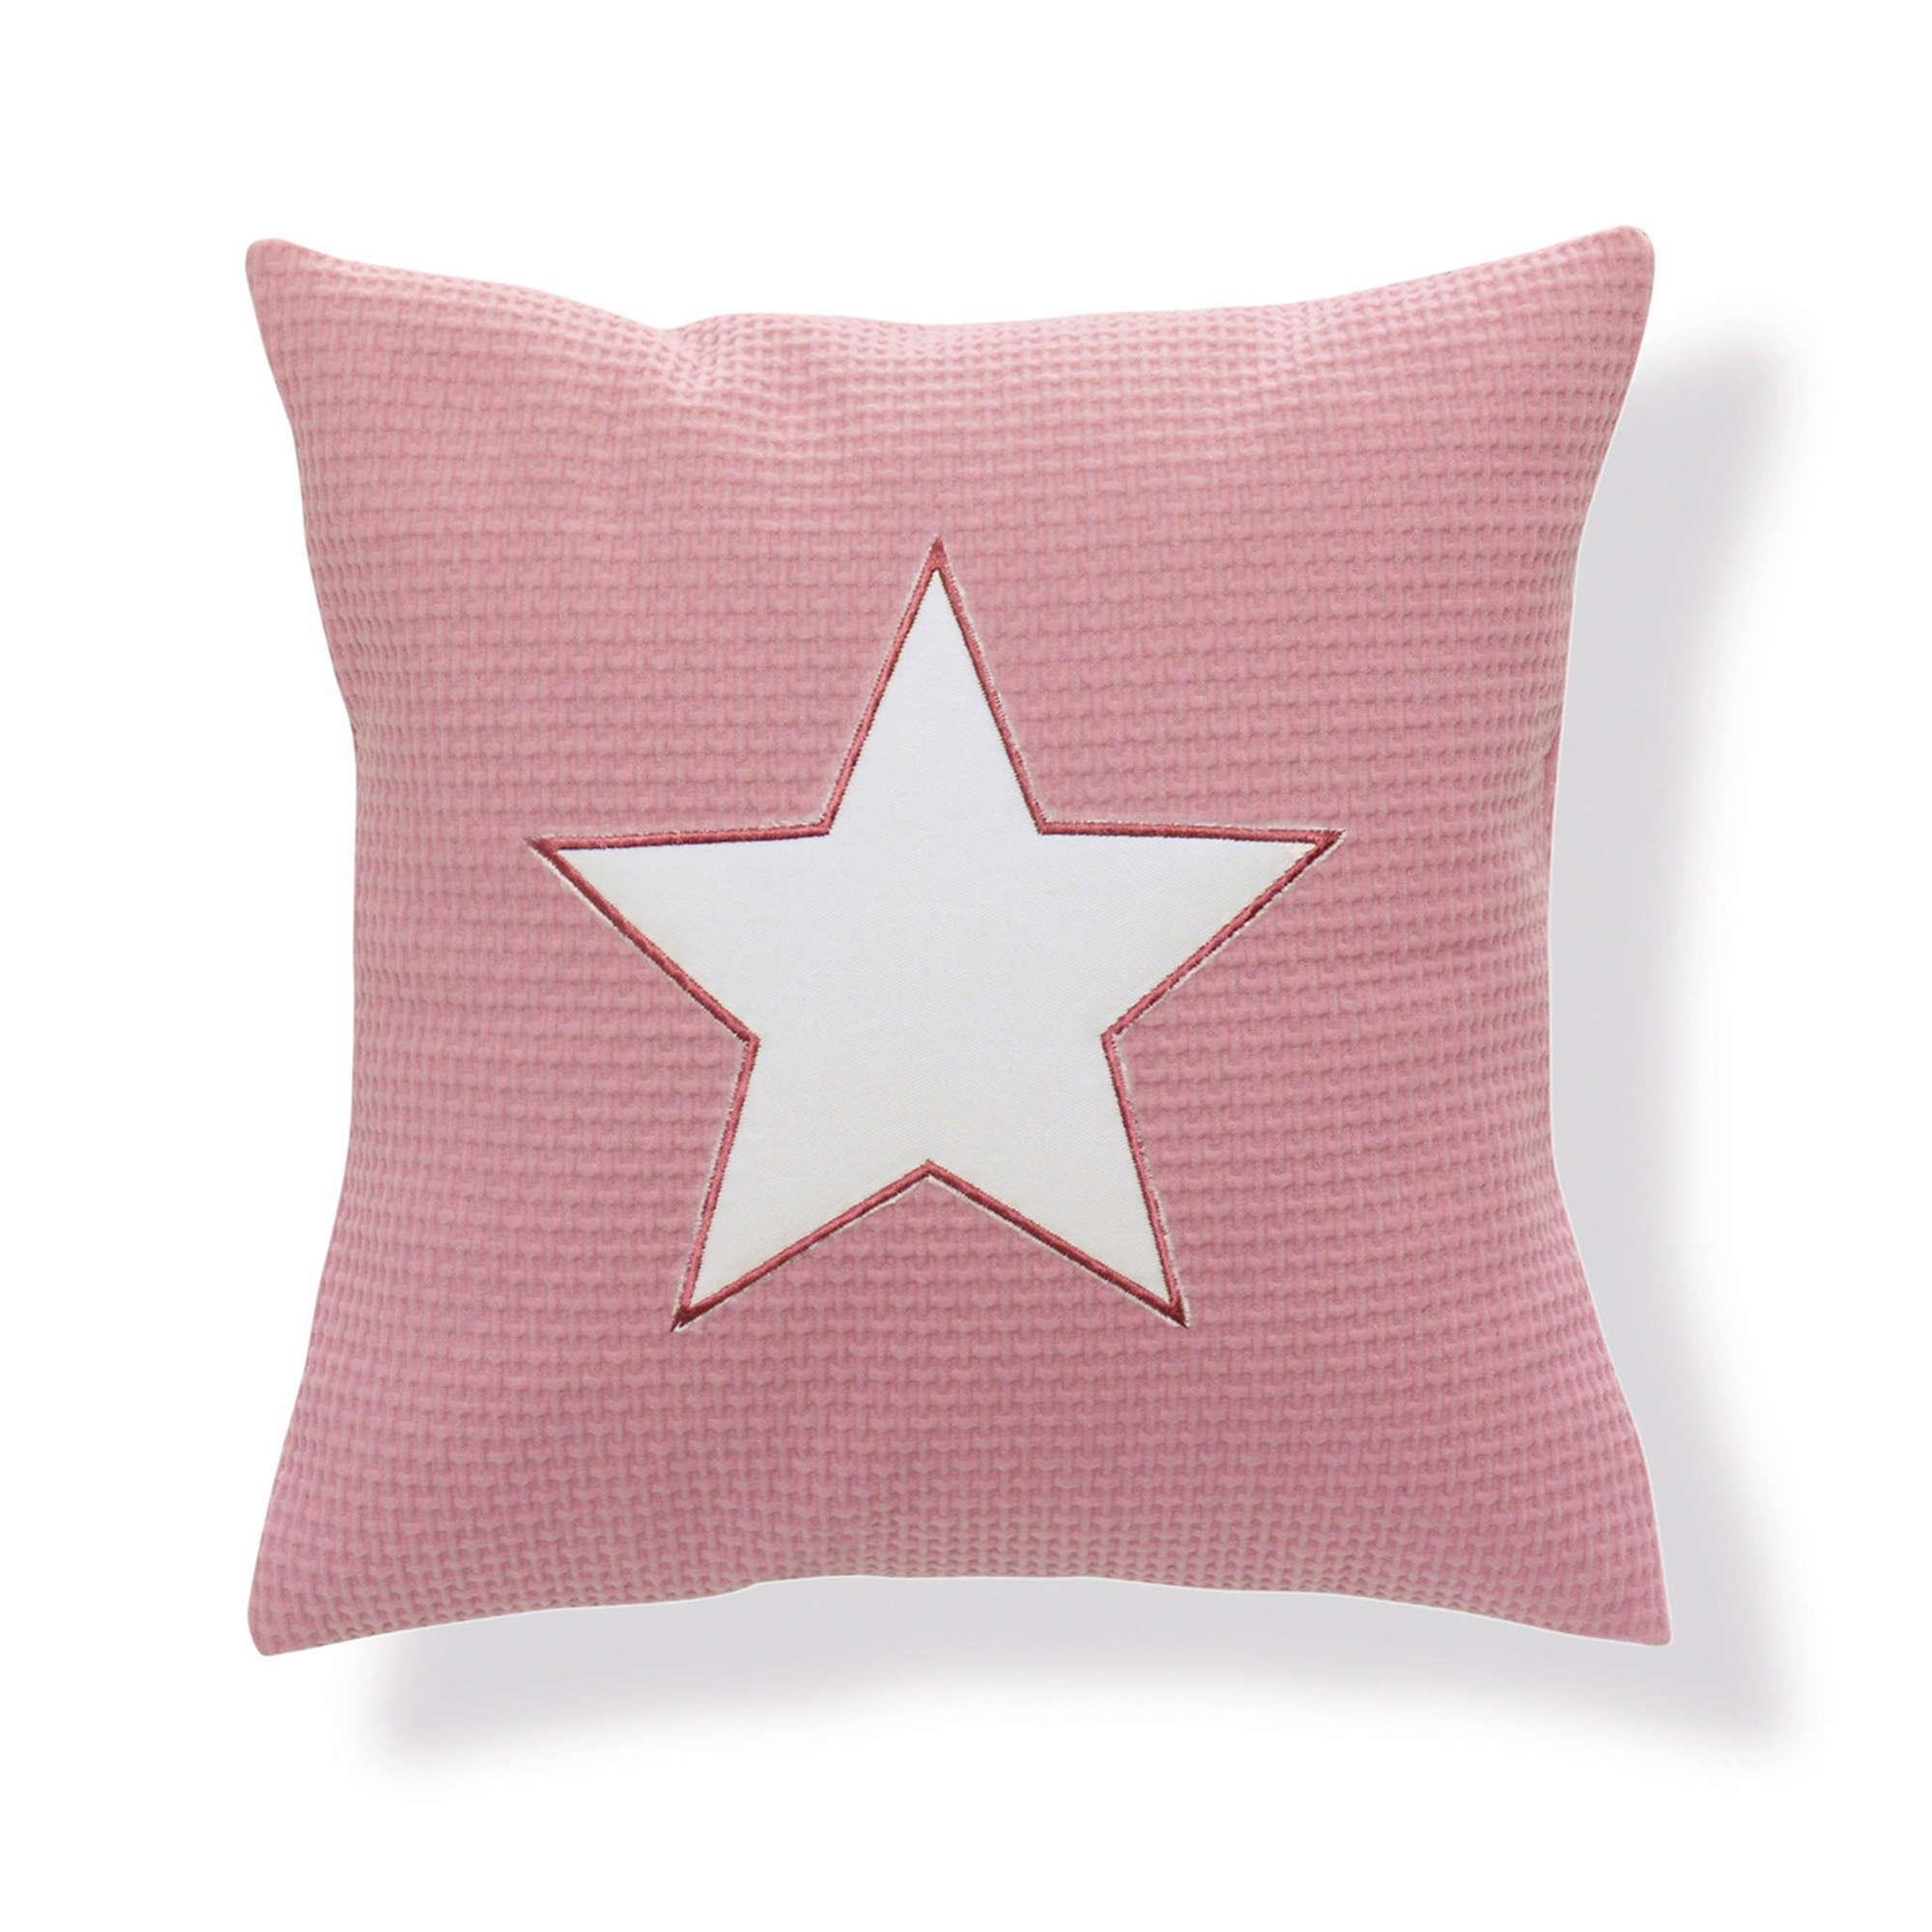 Cojines infantiles decorativos para habitación de bebé rosado